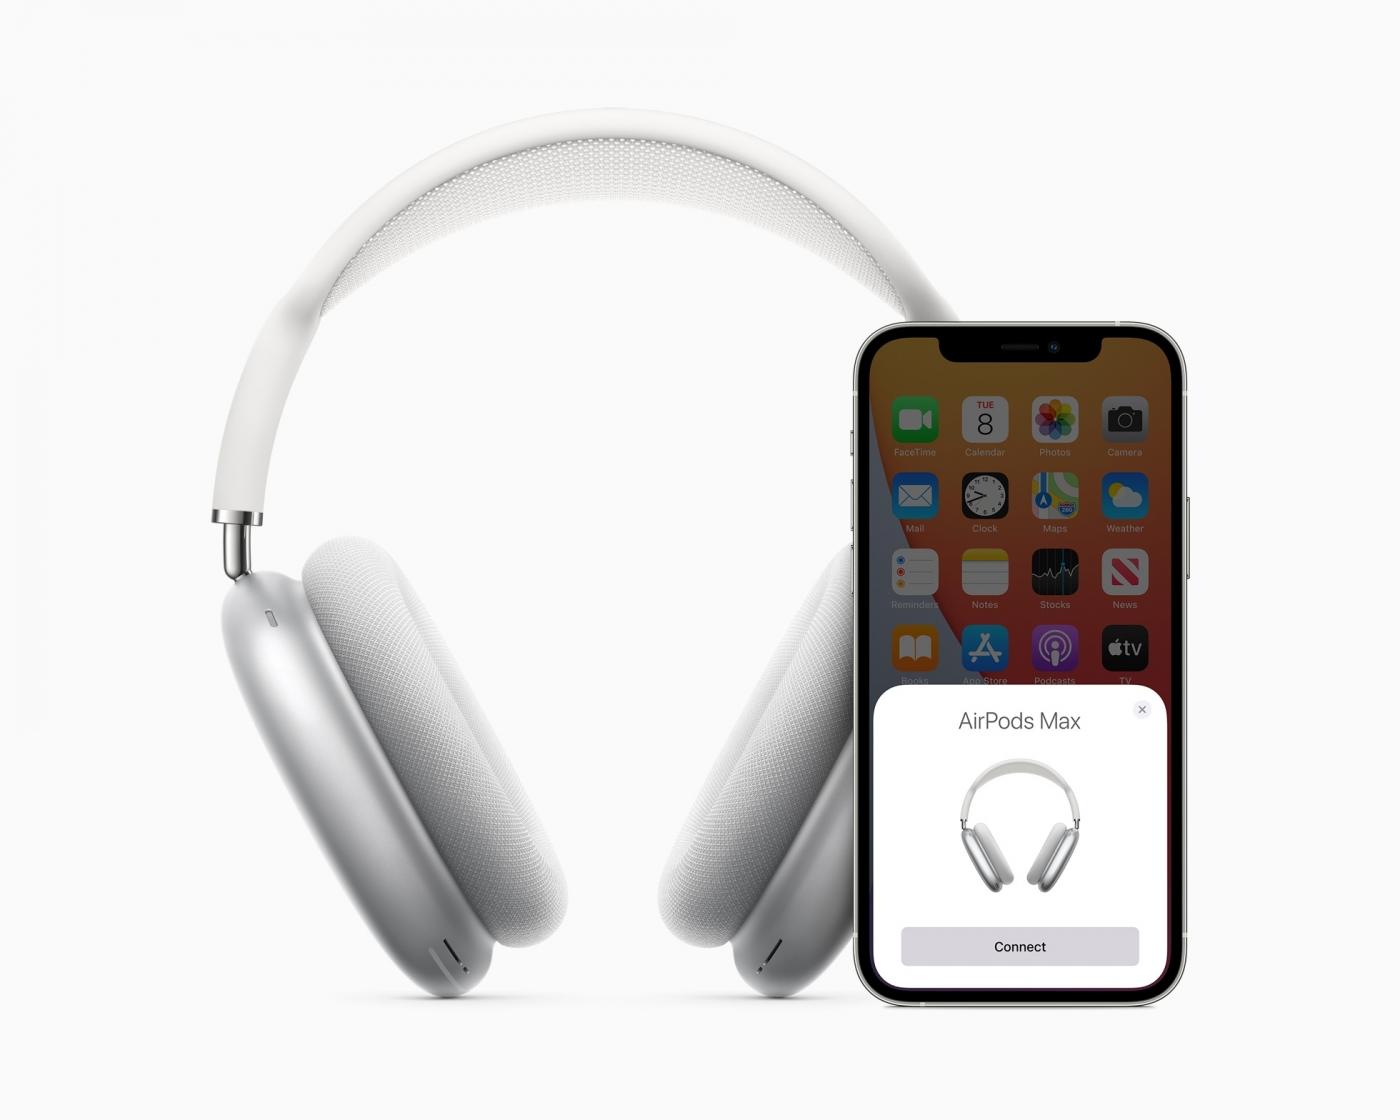 20小時續航!蘋果無線頭戴式耳機AirPods Max亮相,價格、功能一次看